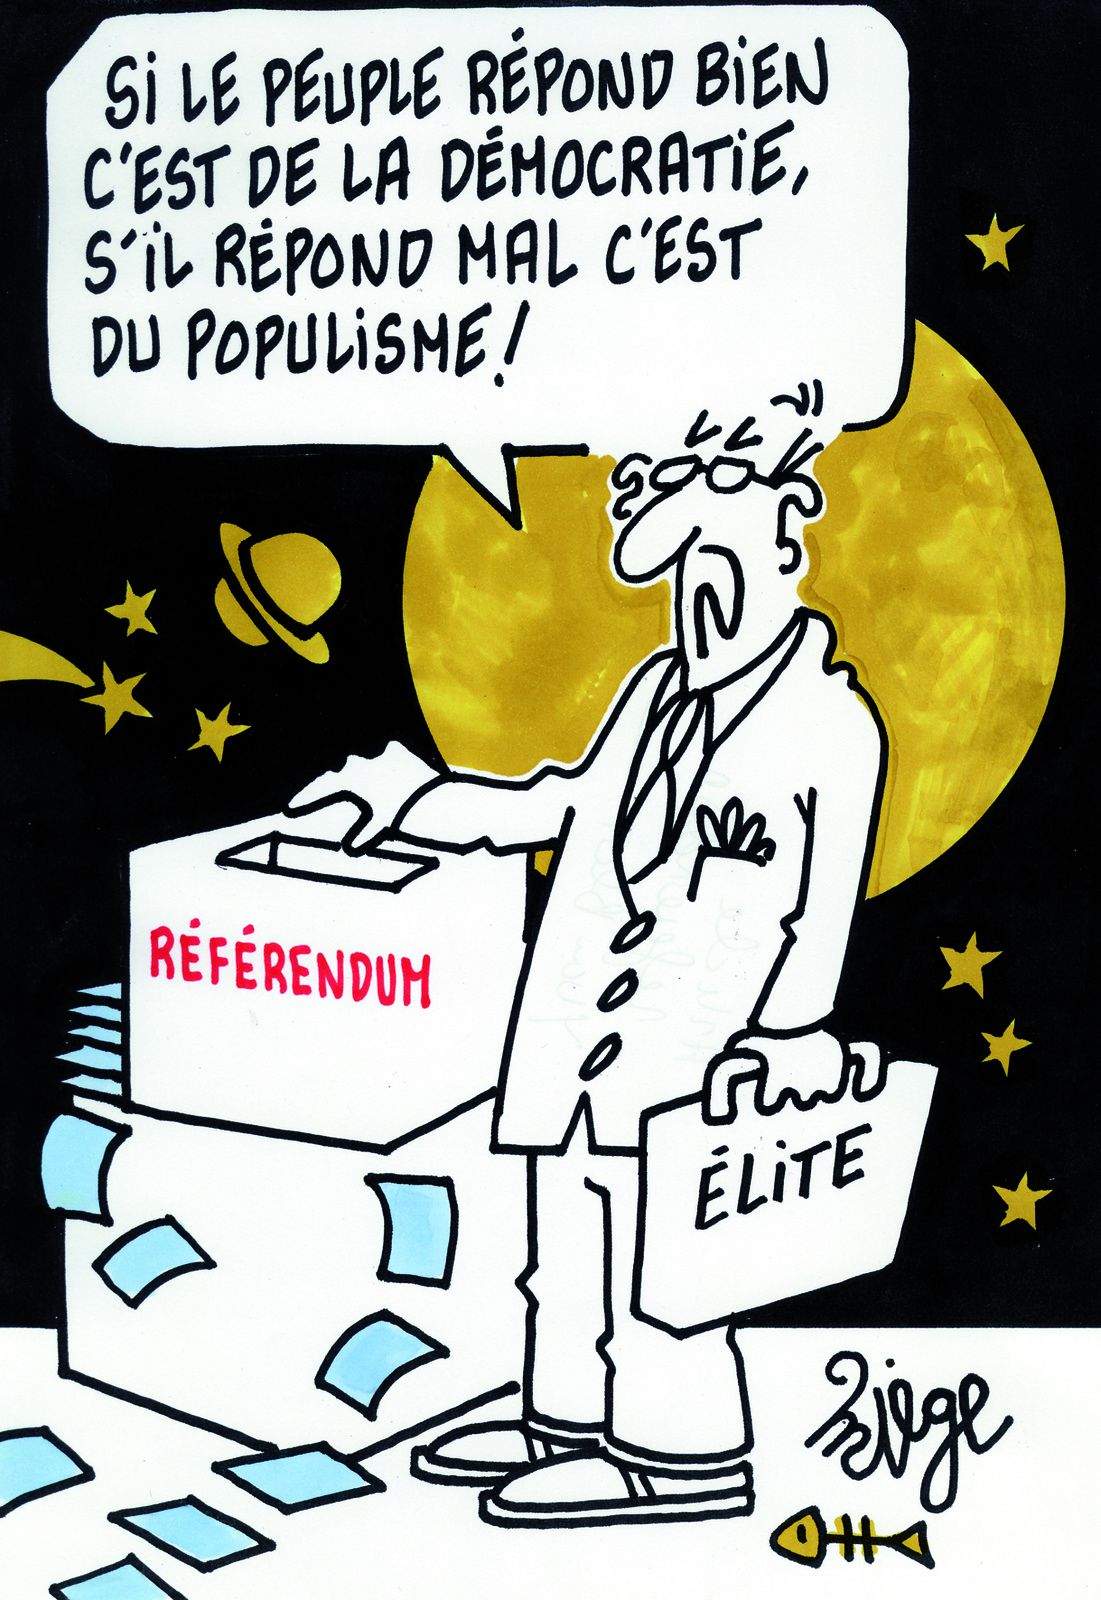 Éloge du populisme